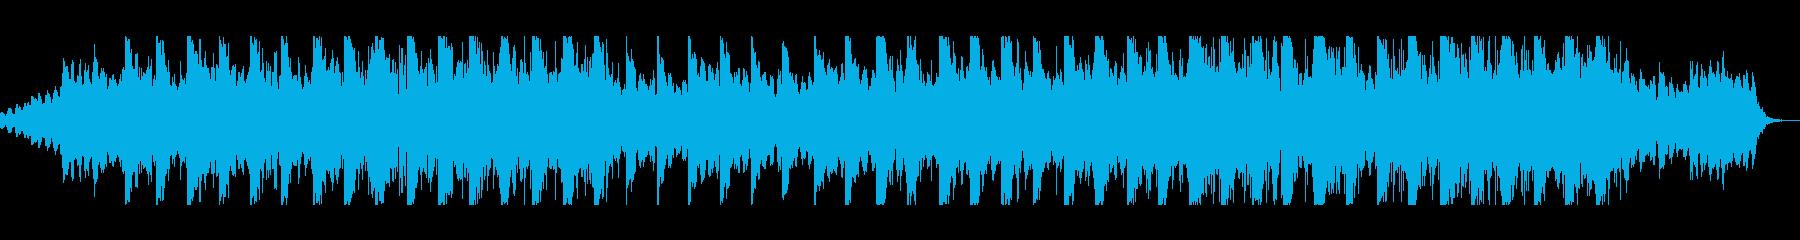 水流が気持ちいいローファイアンビエントの再生済みの波形